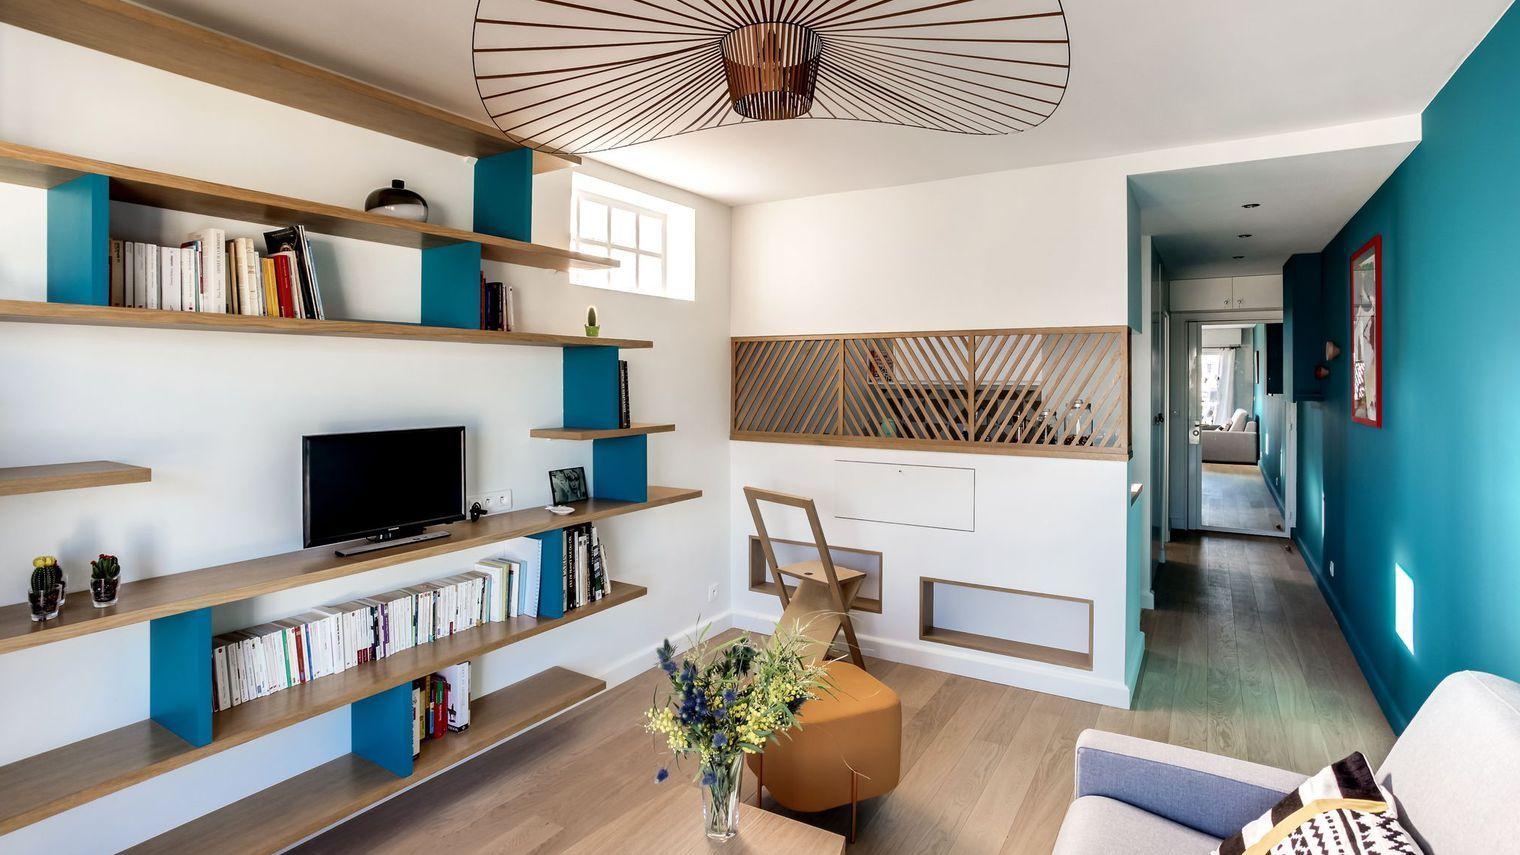 Un 30 m2 qui a tout d 39 un grand architecte interieur - Architecte interieur paris petite surface ...